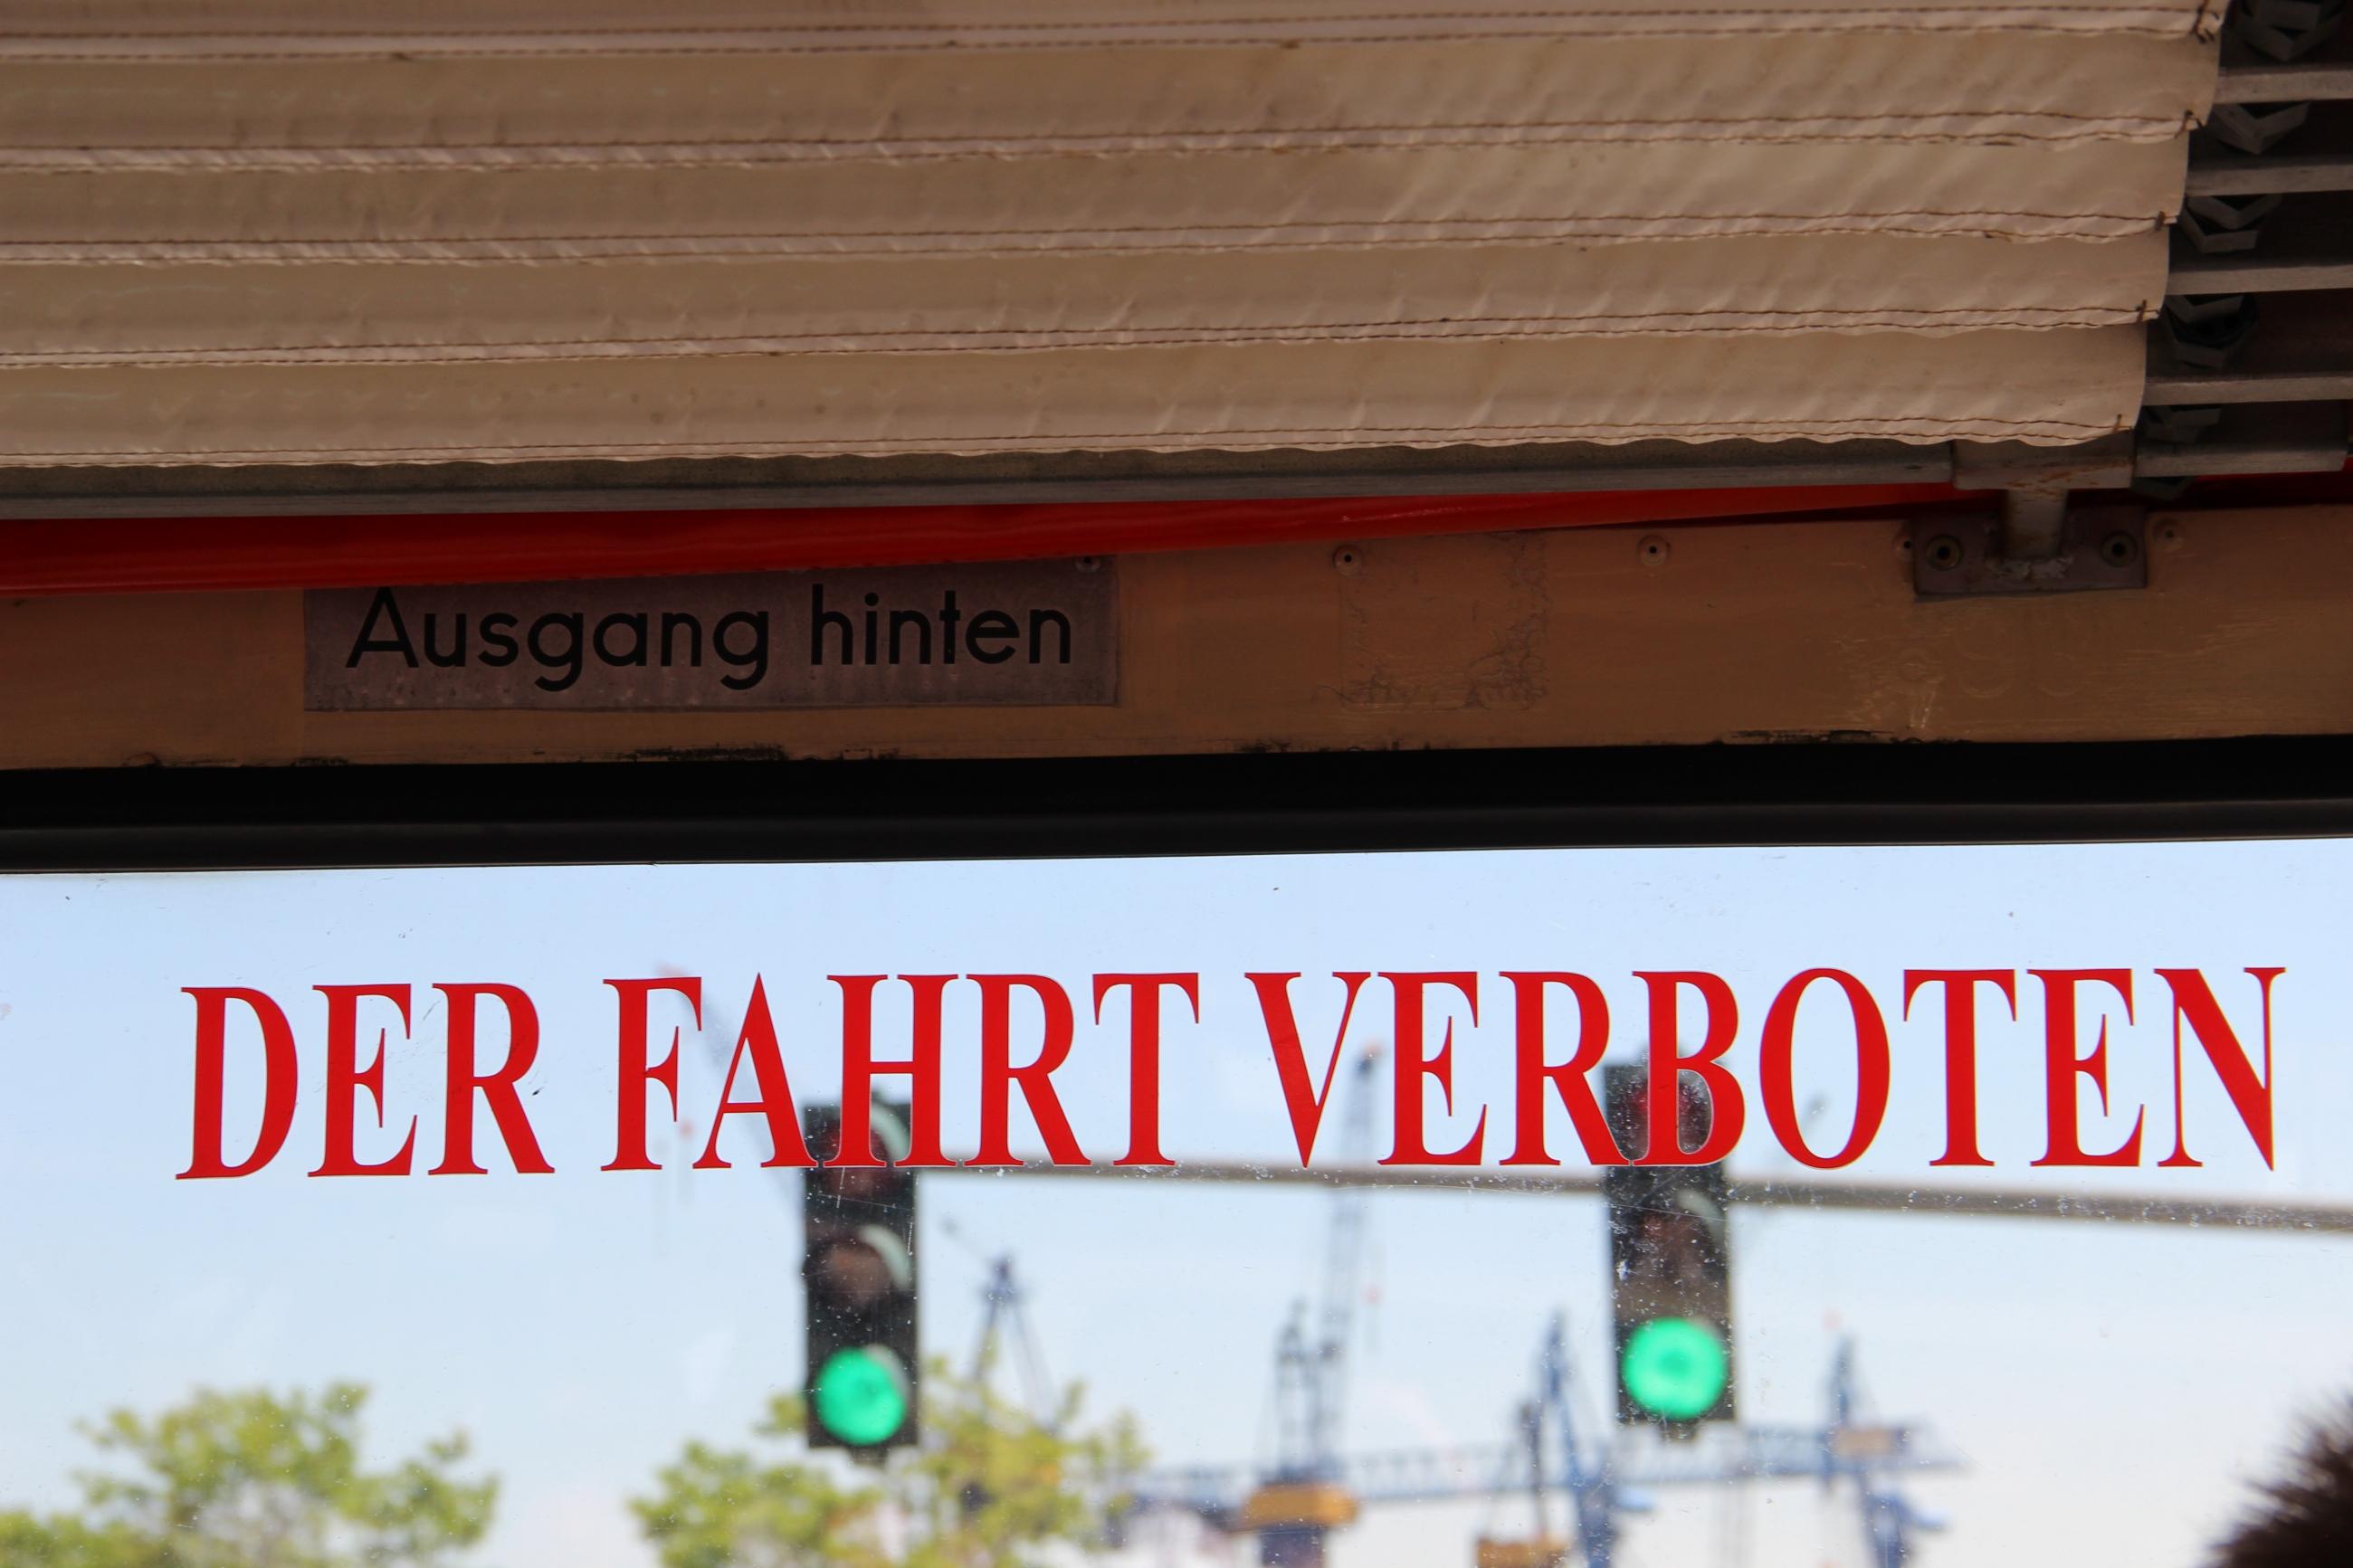 Foto: Blick aus dem Fenster auf einen Hafenkran. Auf dem Fenster ist in roter Blockschrift: 'Der Fahrt verboten' zu lesen.